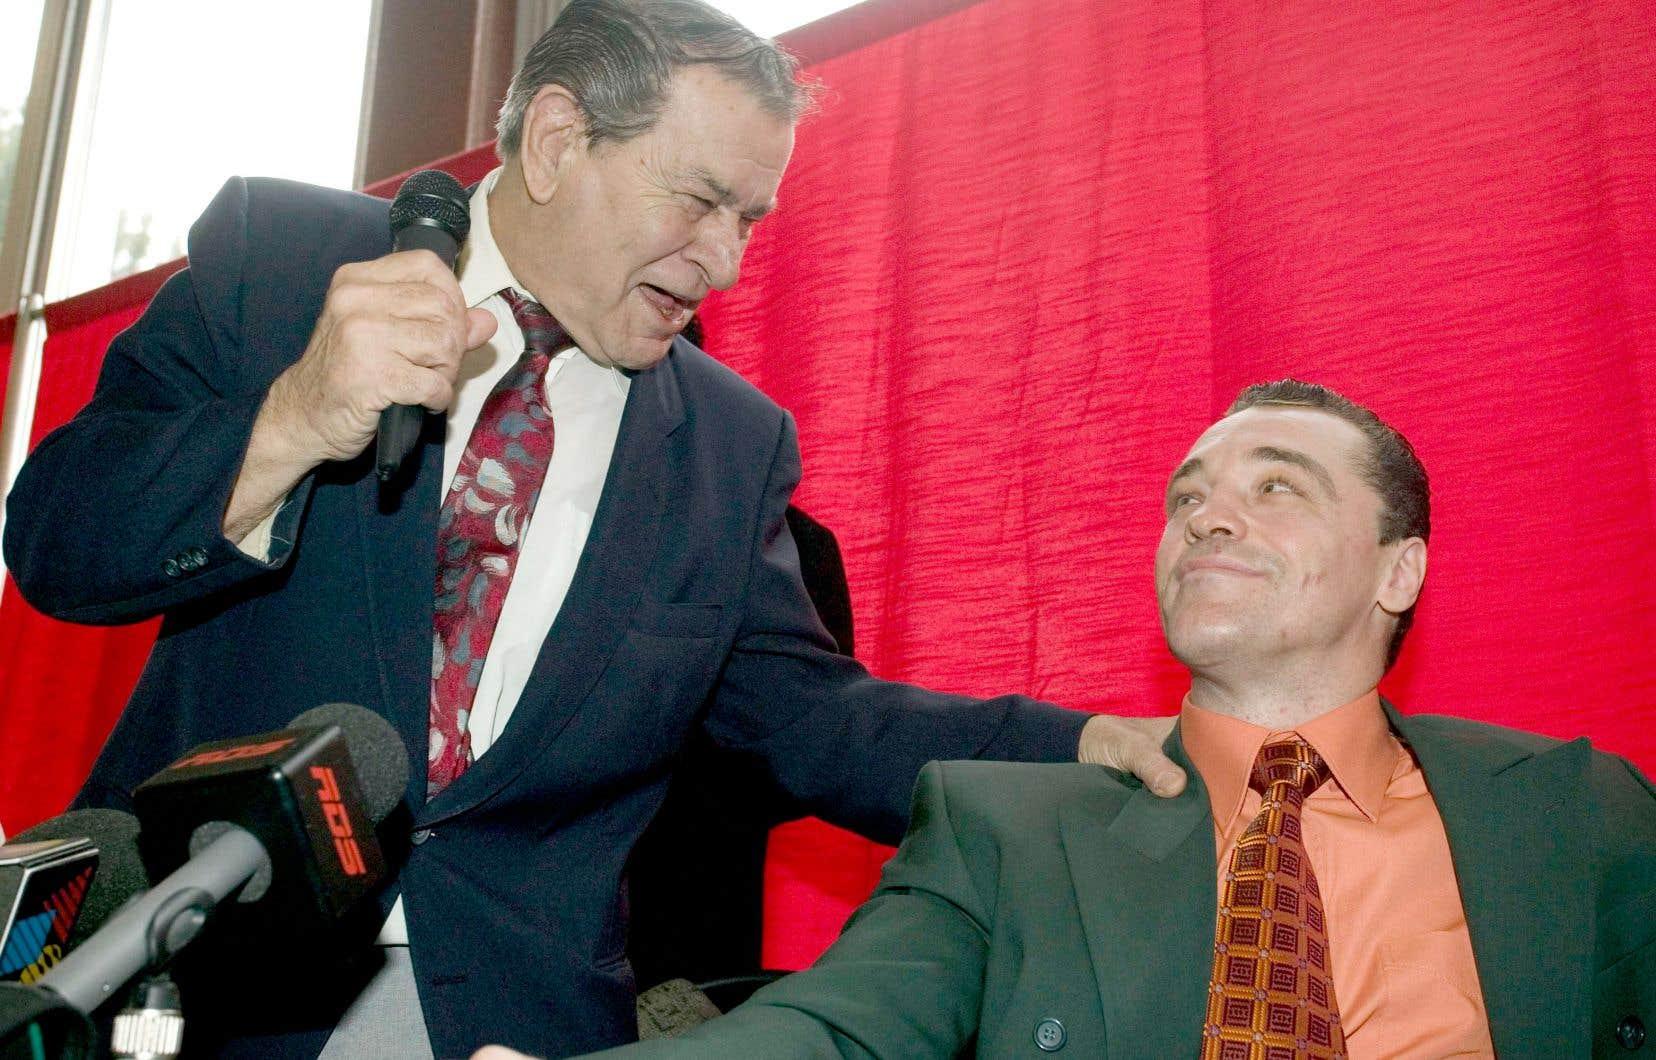 Régis Lévesque (à gauche) aux côtés de l'ancien boxeur Dave Hilton, lors d'une conférence de presse en 2007, à Montréal, annonçant le retour du pugiliste dans un combat contre Adam Green.